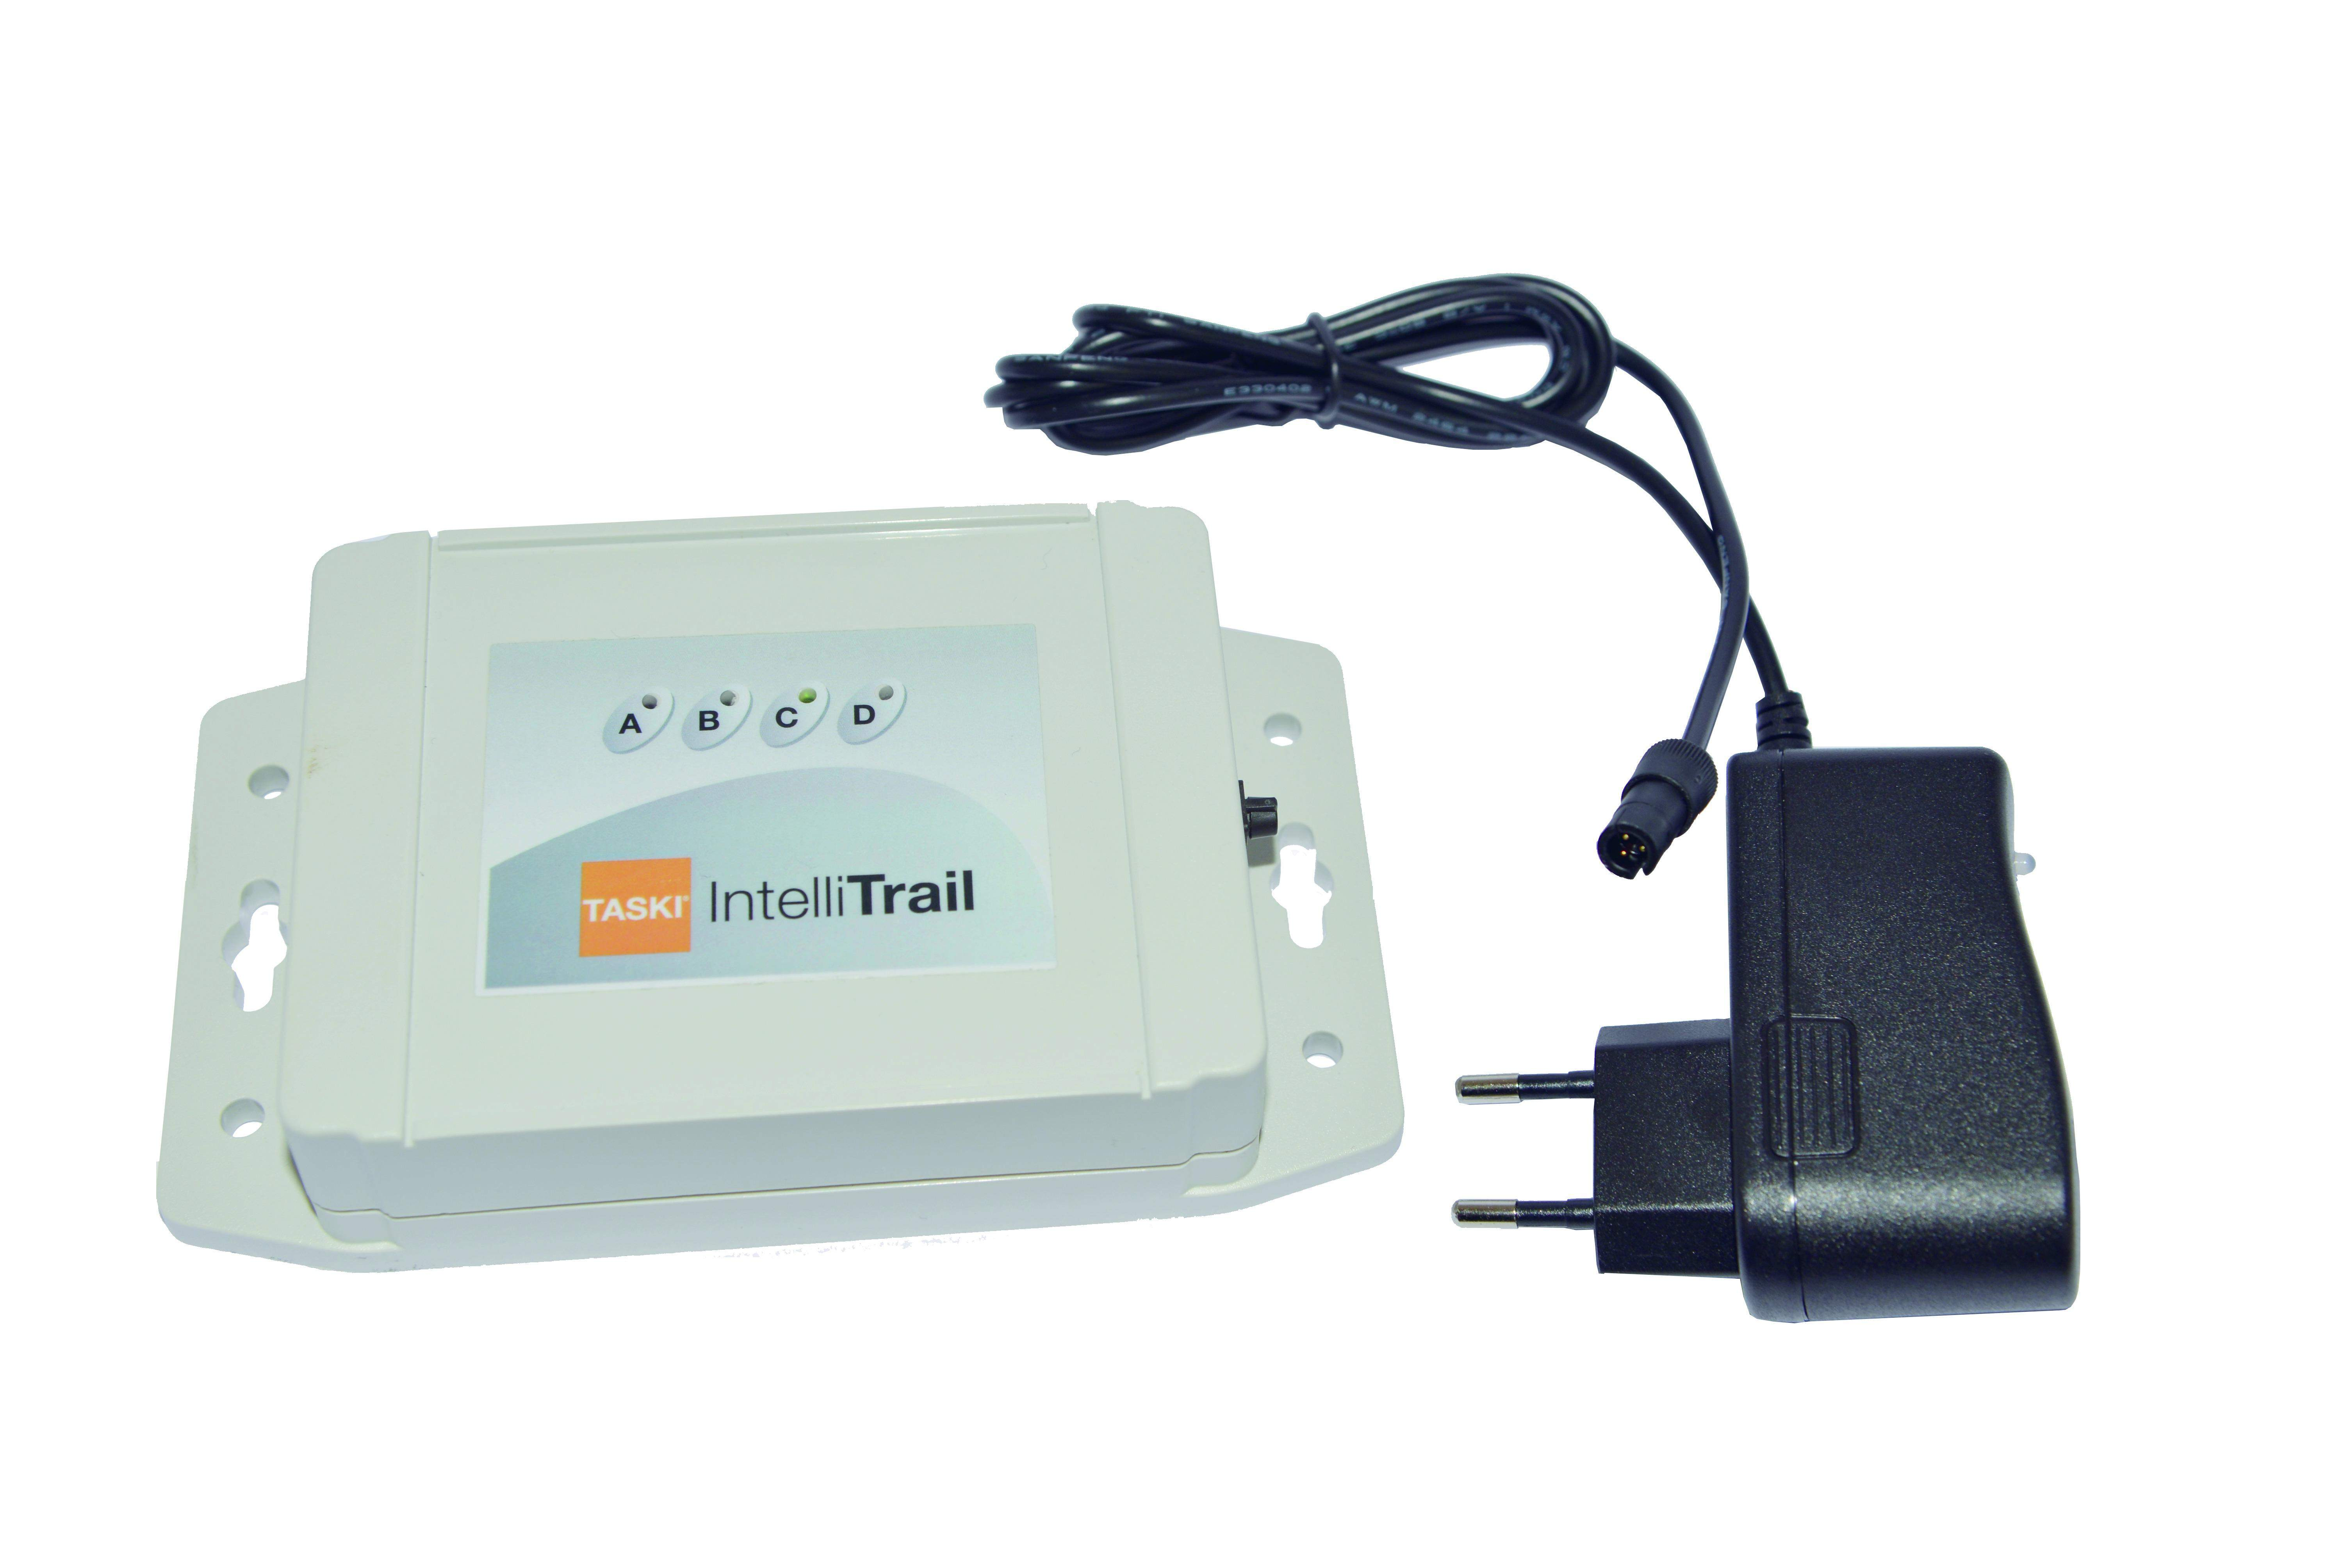 7524013-IntellitrailNTTracker-1Stk.-Full-CMYK.jpg